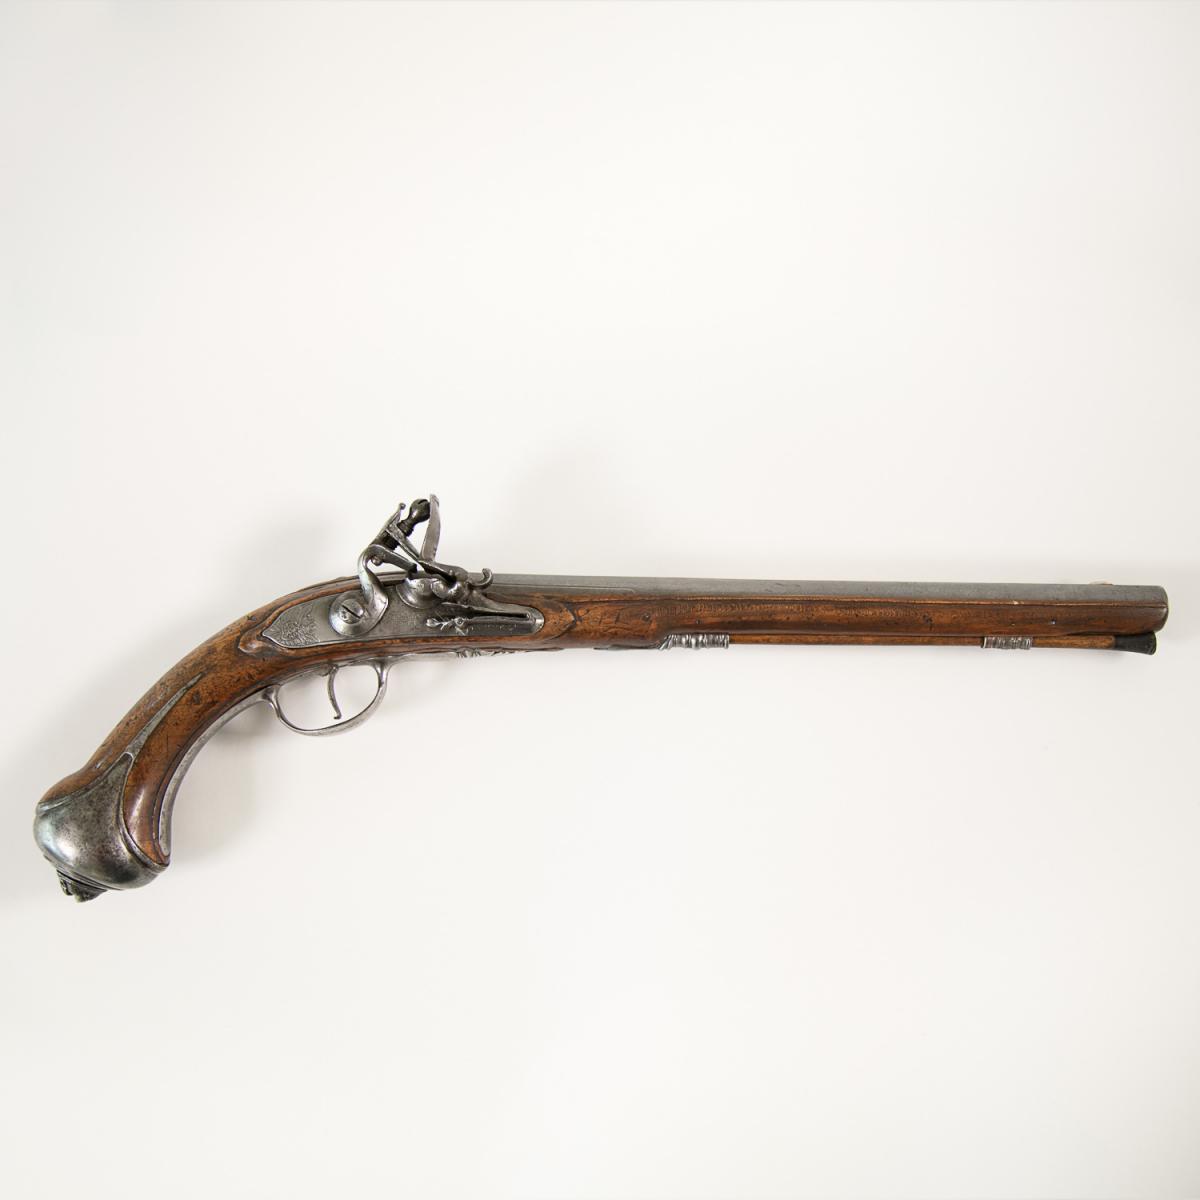 Orosz pisztoly /russian pistol